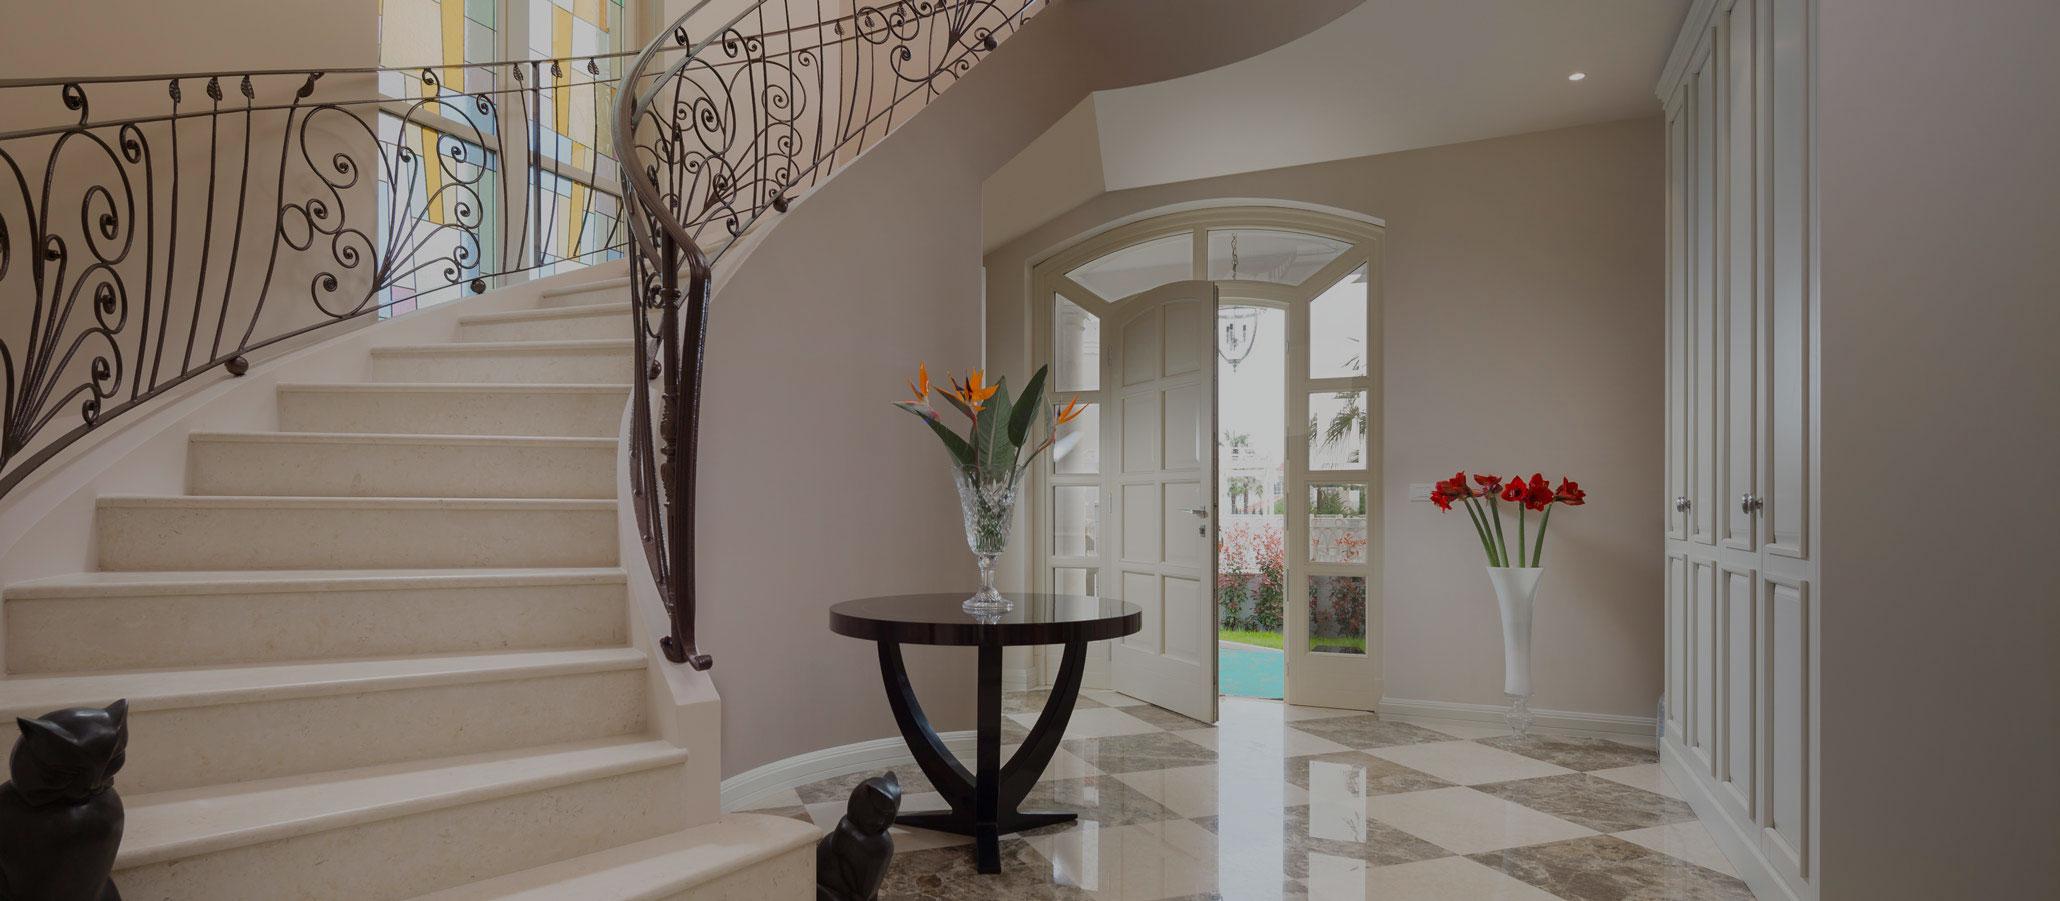 Slider-Foto 5 auf der Startseite der HMZ Luxury Villas